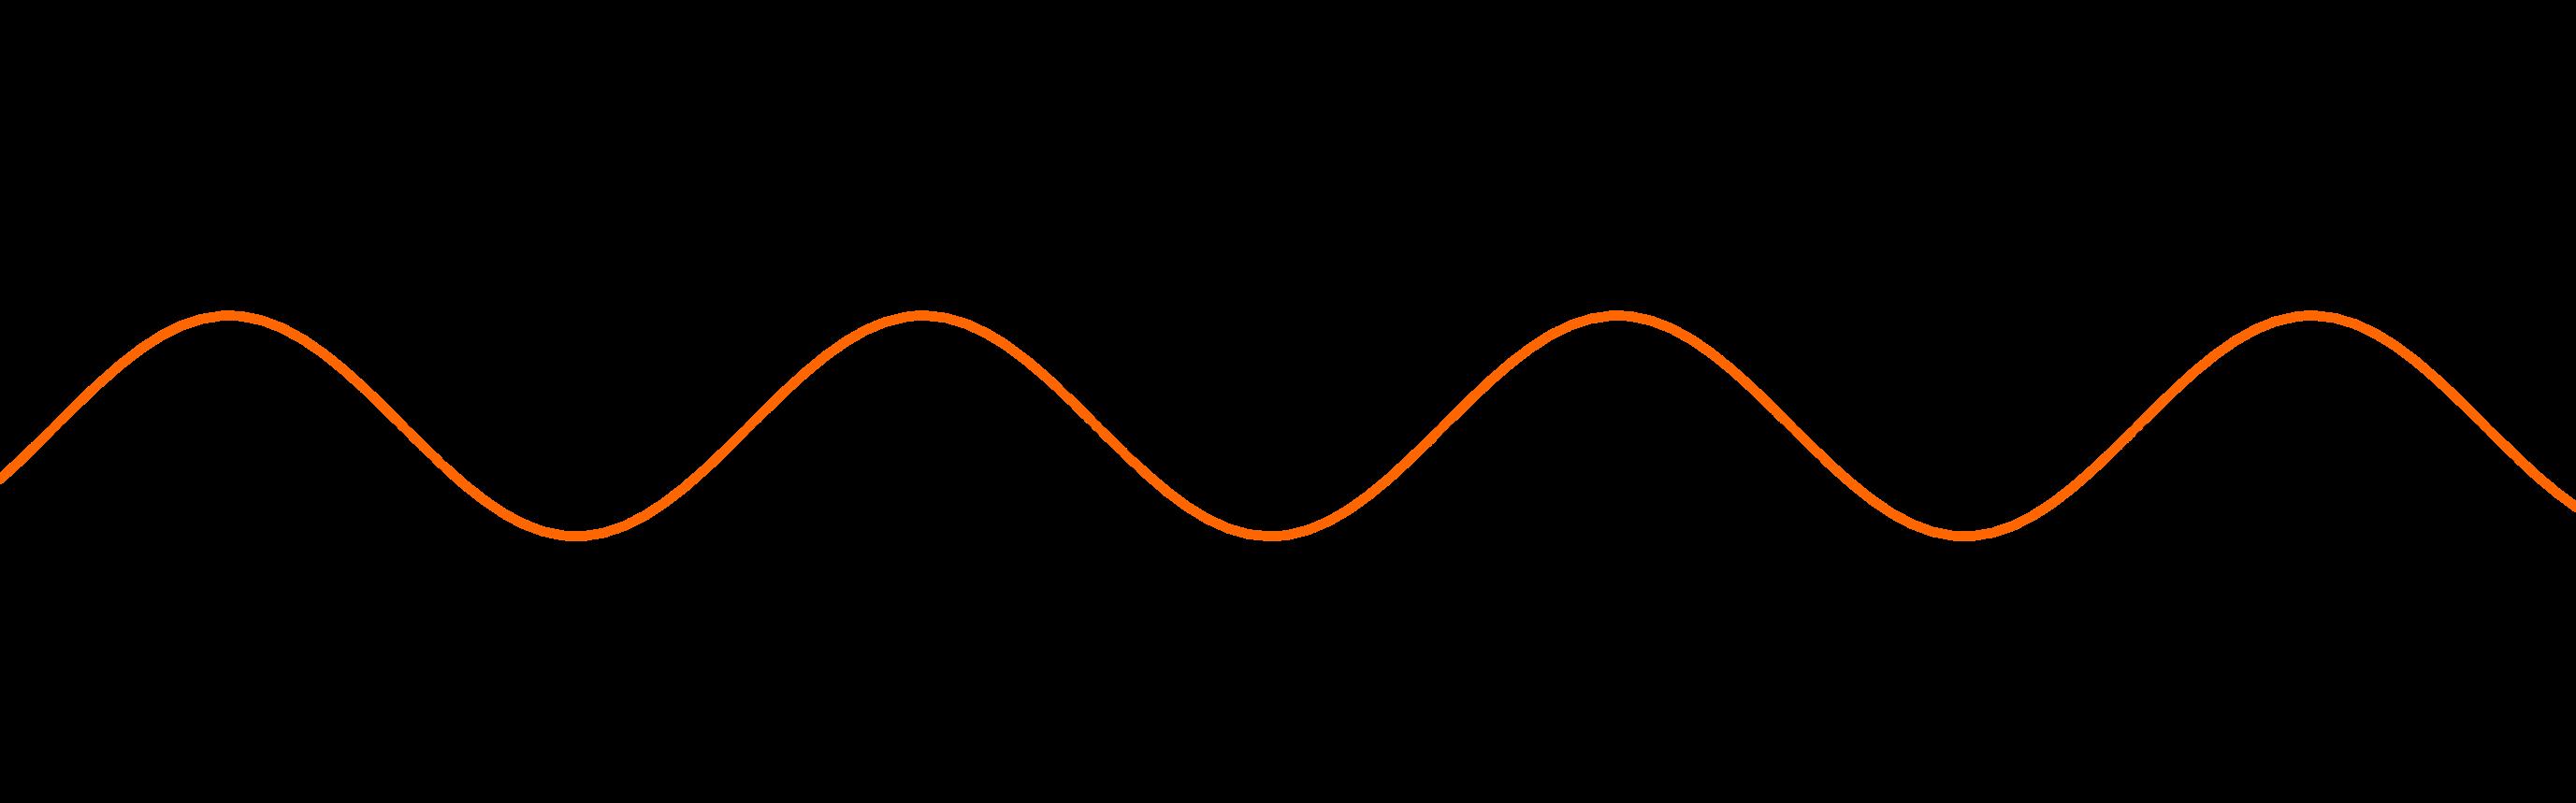 Graph zu einer Sinus Funktion